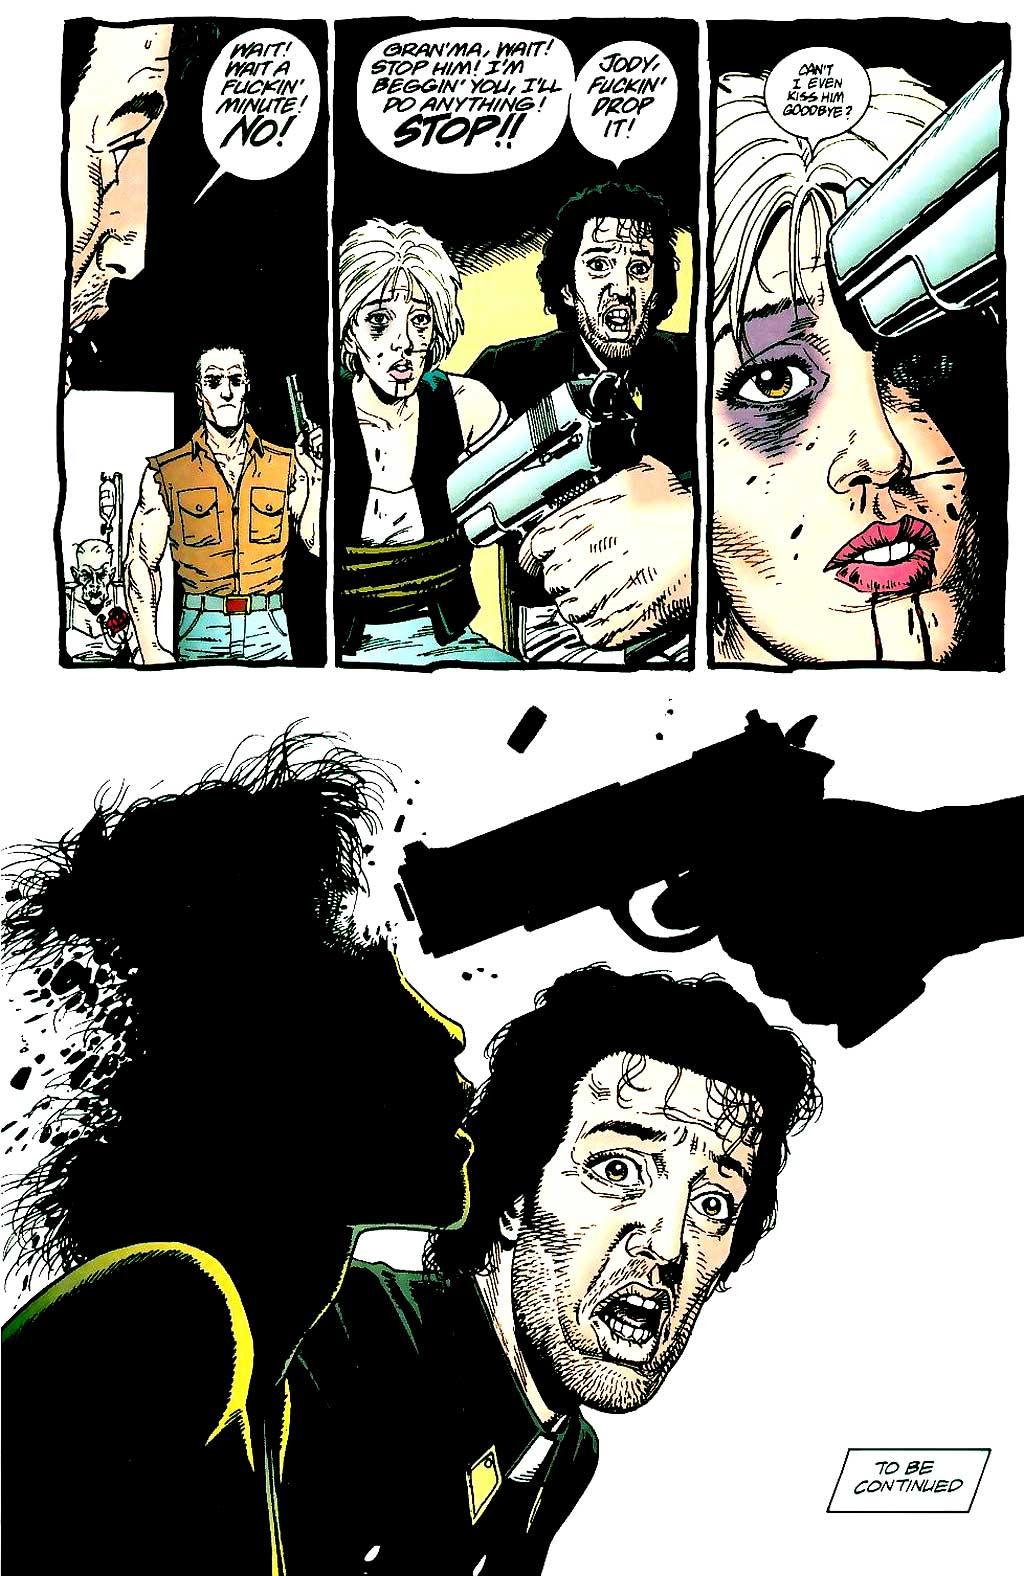 Najbrutalnija ubistva u stripovima Preacher2